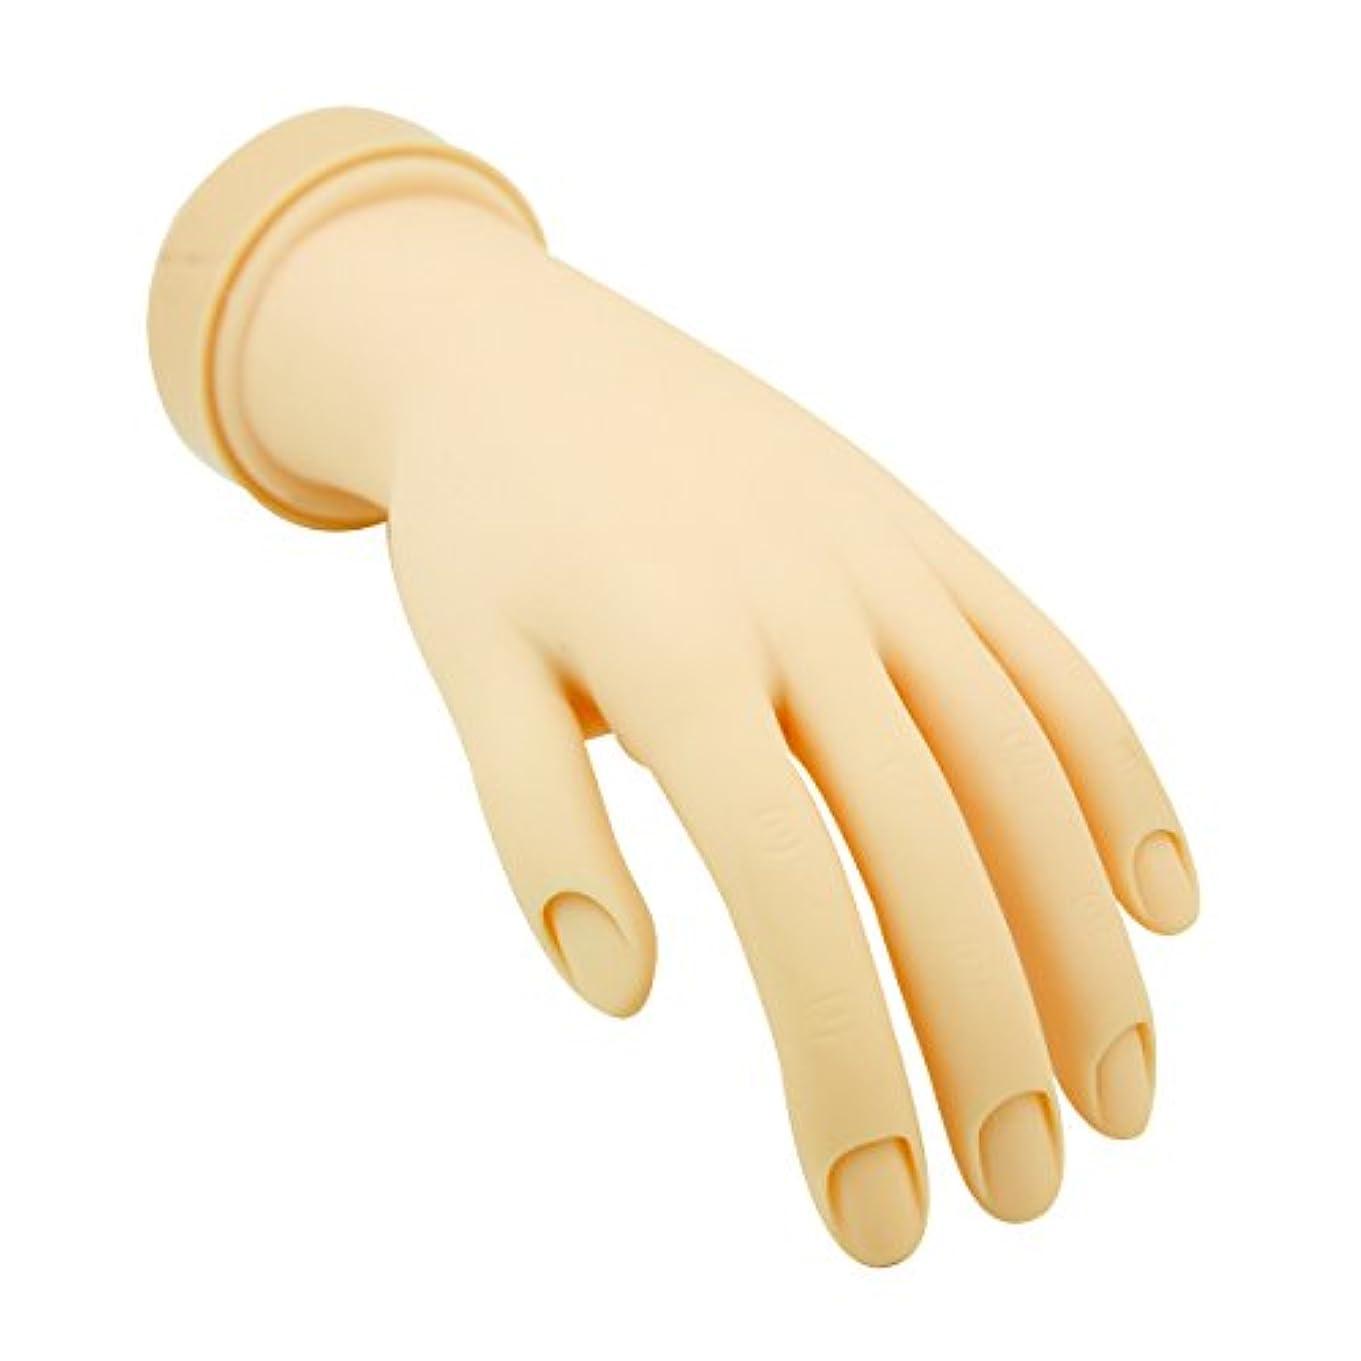 分驚くべき消化器トレーニングハンド (ネイル用) 左手 [ 練習用マネキン 手 指 ハンドマネキン マネキン 施術用 トレーニング ]